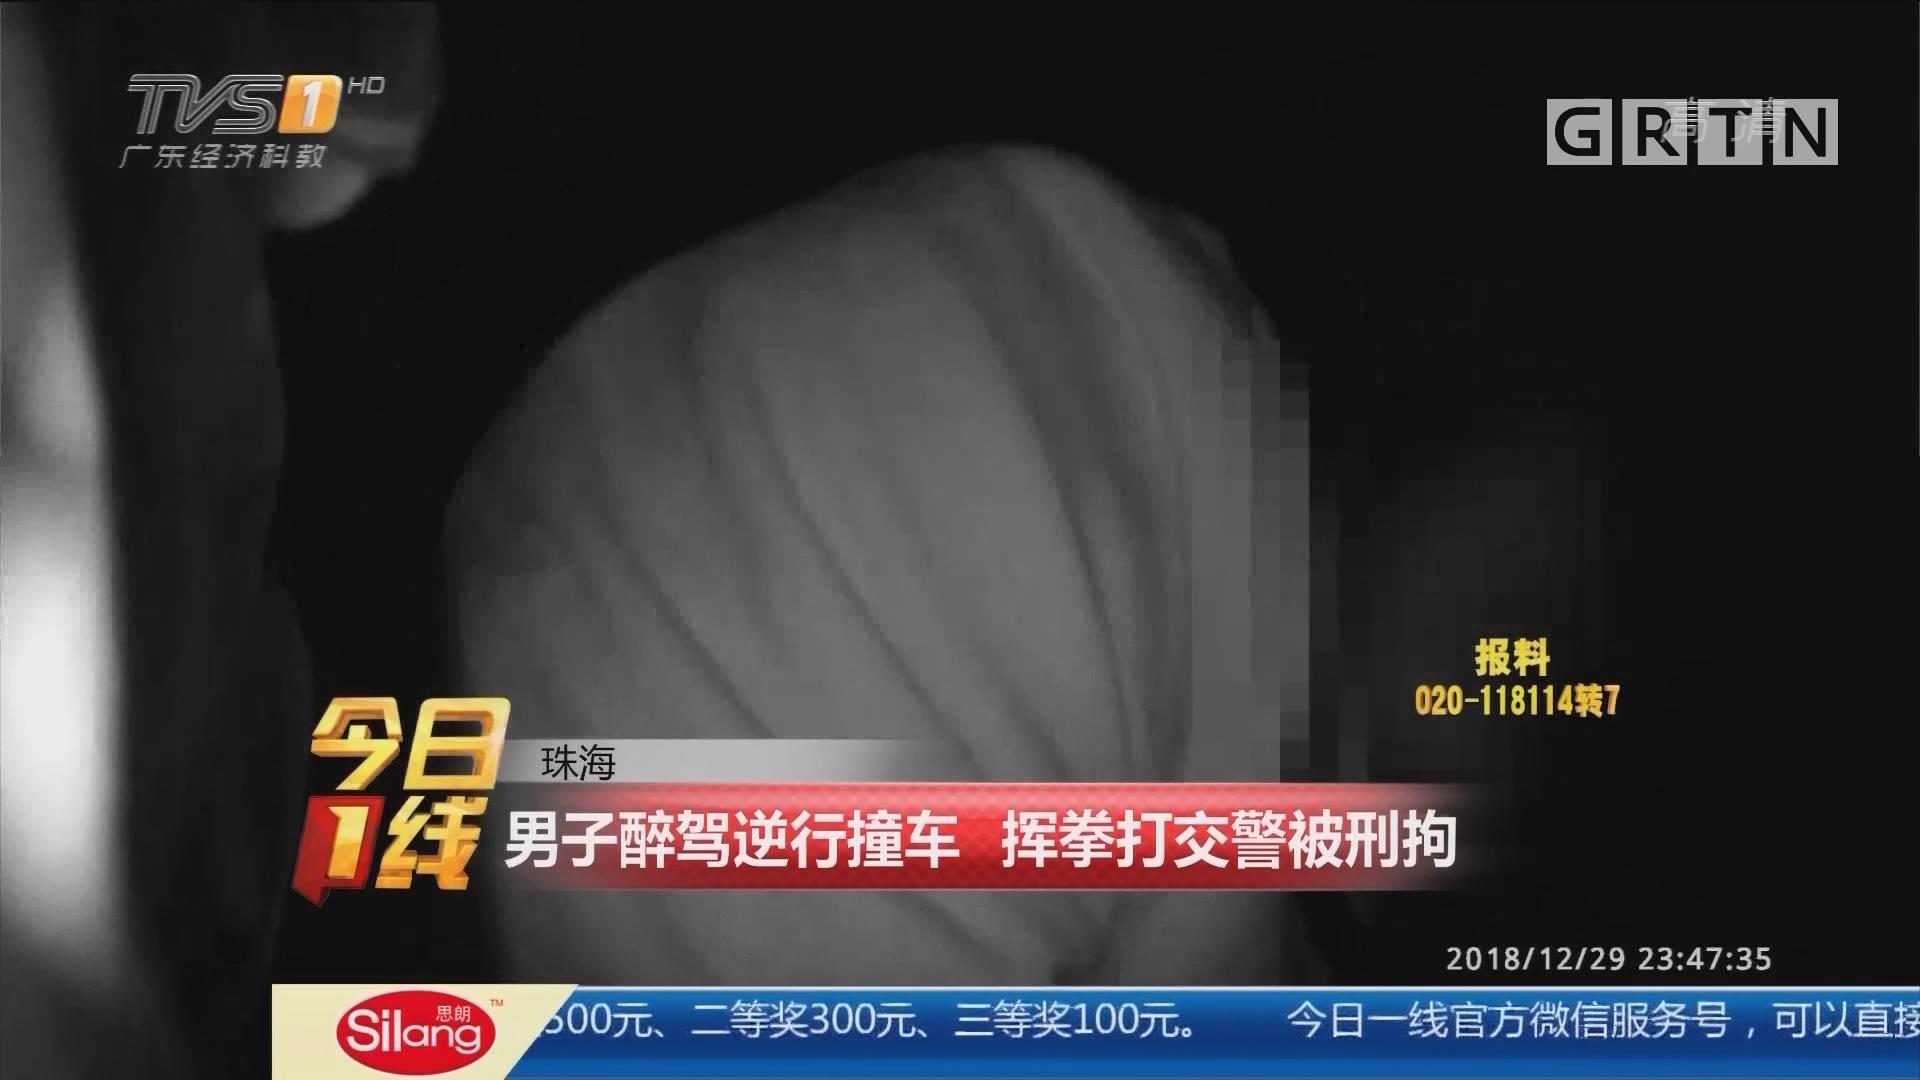 珠海:男子醉驾逆行撞车 挥拳打交警被刑拘